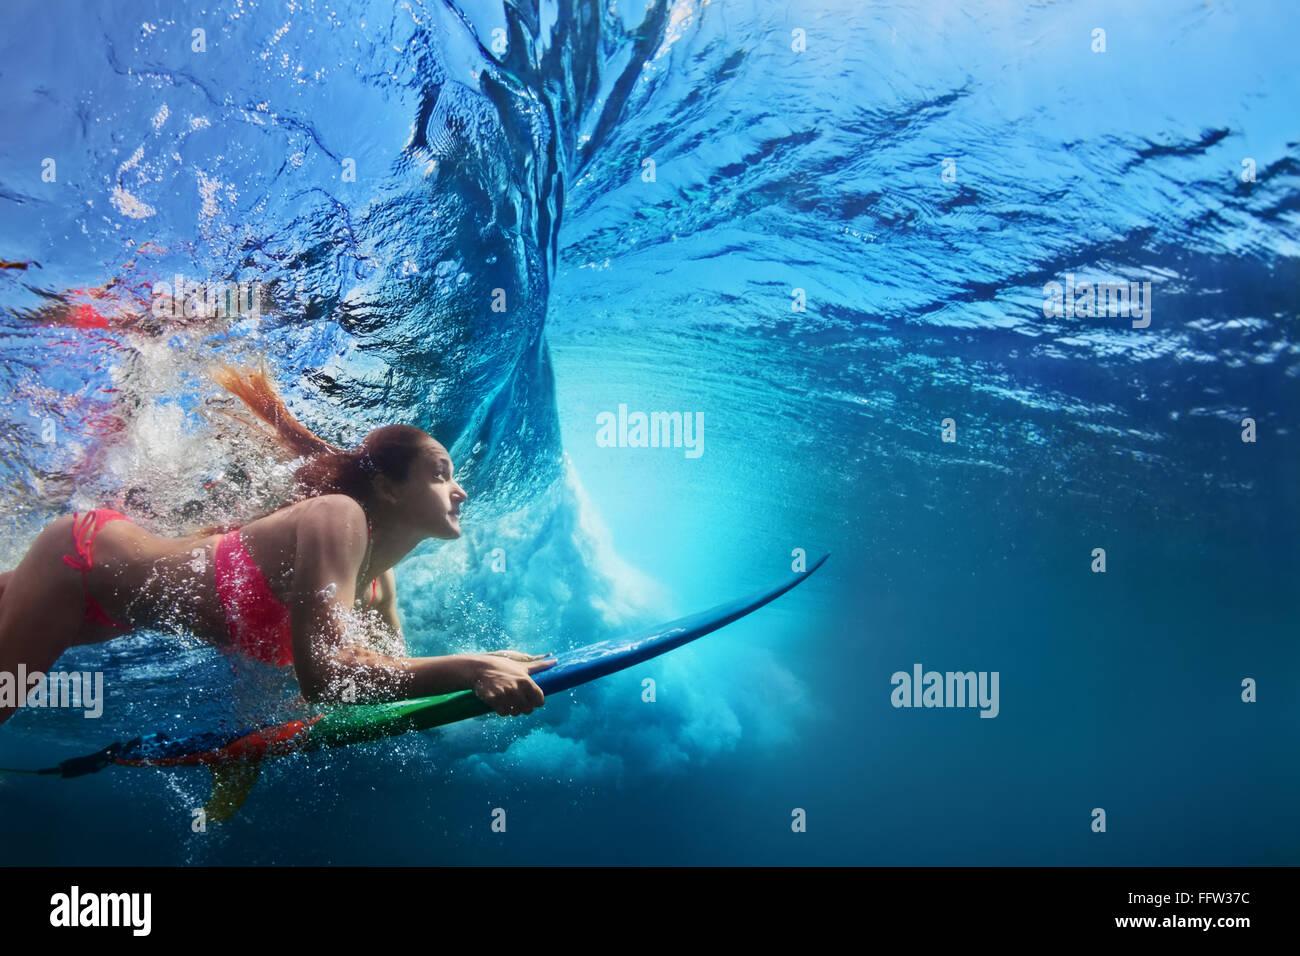 Jeune fille en bikini - surfer avec planche de surf sous-marine Plongée sous les grandes vagues de l'océan. Photo Stock